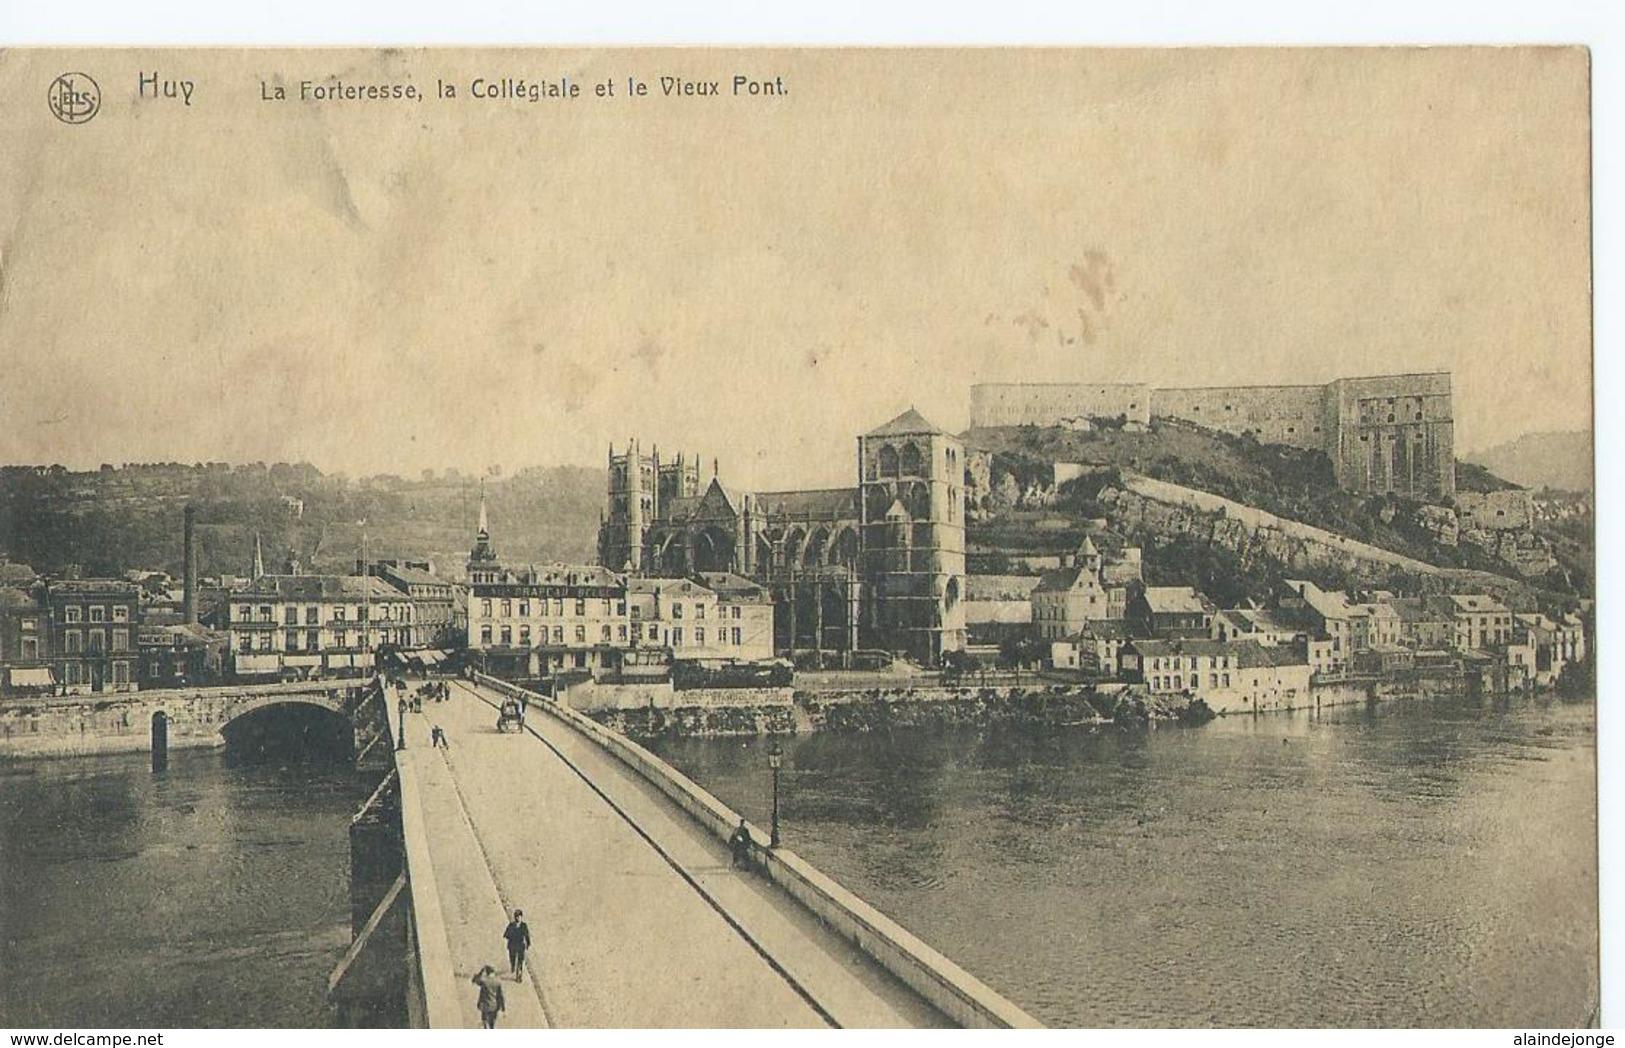 Hoei - Huy - La Forteresse, Le Collégiale Et Le Vieux Pont - Ern. Thill Serie 26 No 5 - Huy